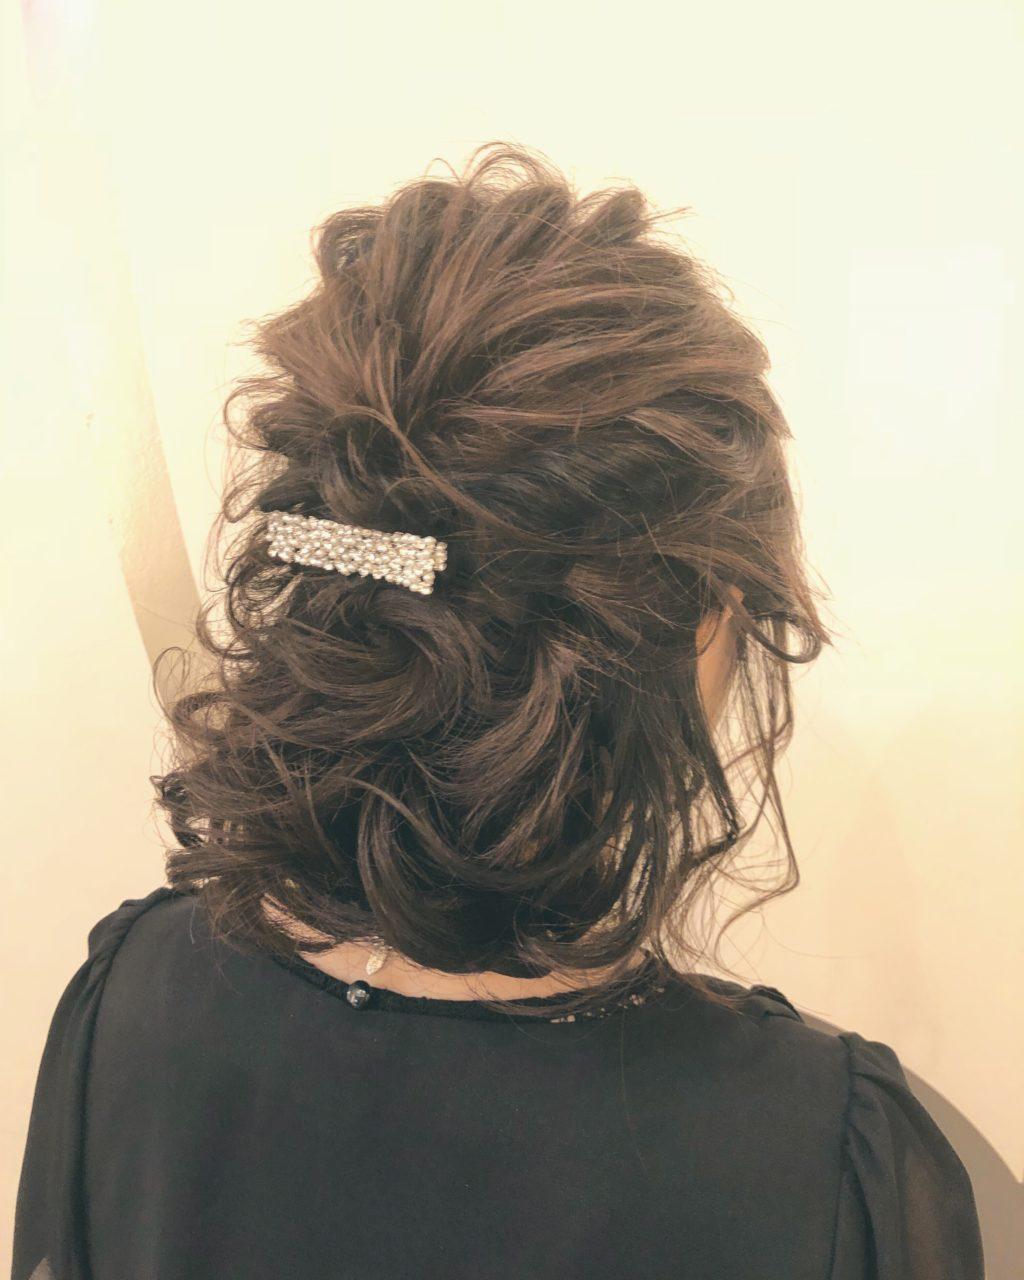 アップ ボブ ハーフ 結婚式の髪型!ボブでもハーフアップはできる?簡単アレンジ10選